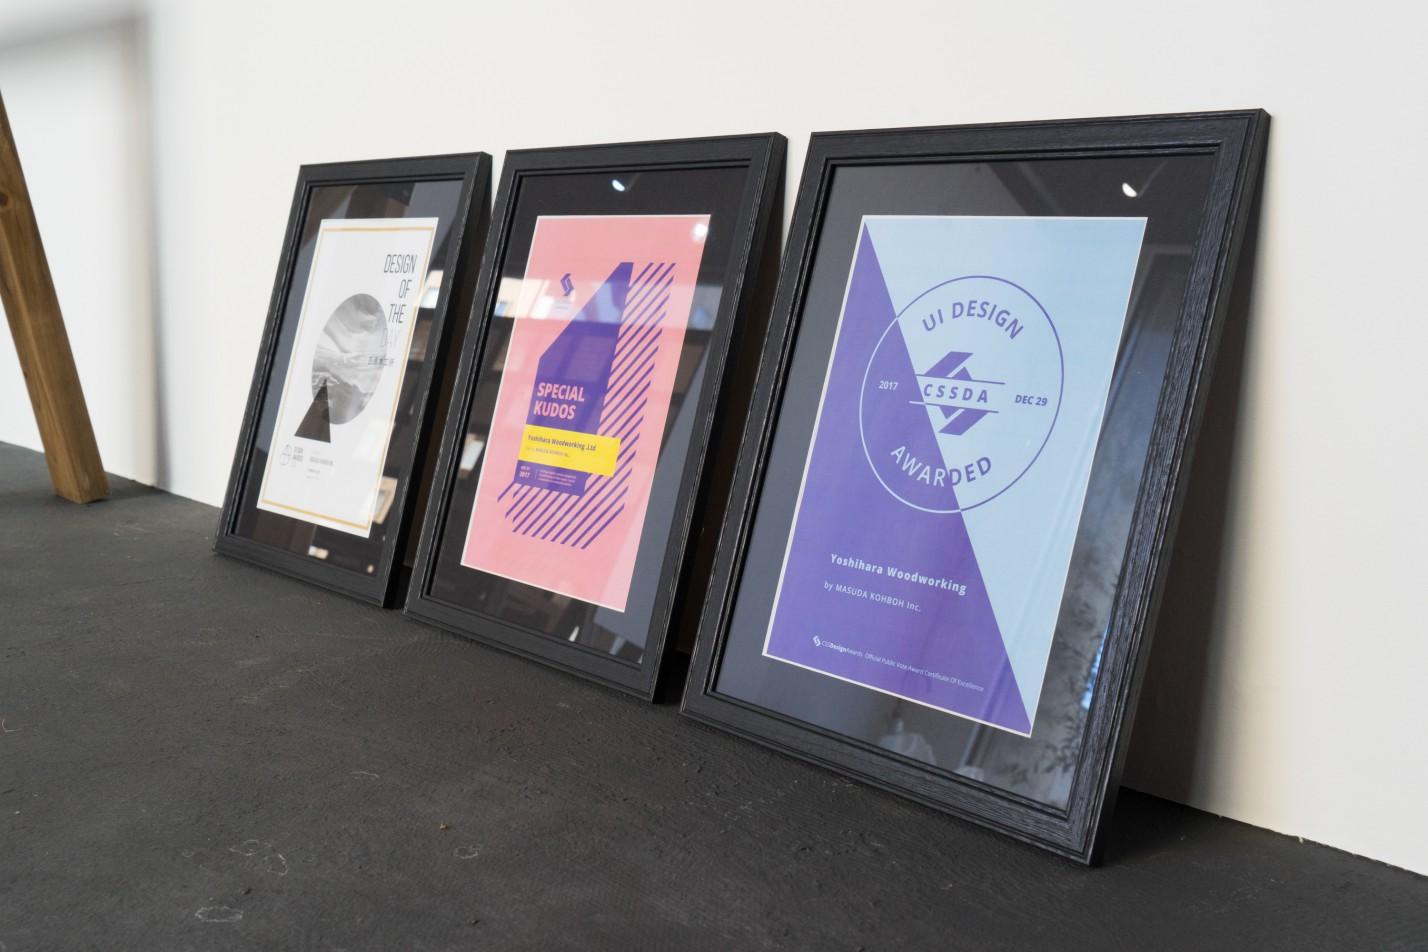 「吉原木工所 – Yoshihara Woodworking .Ltd」が複数のウェブデザインアワードを受賞